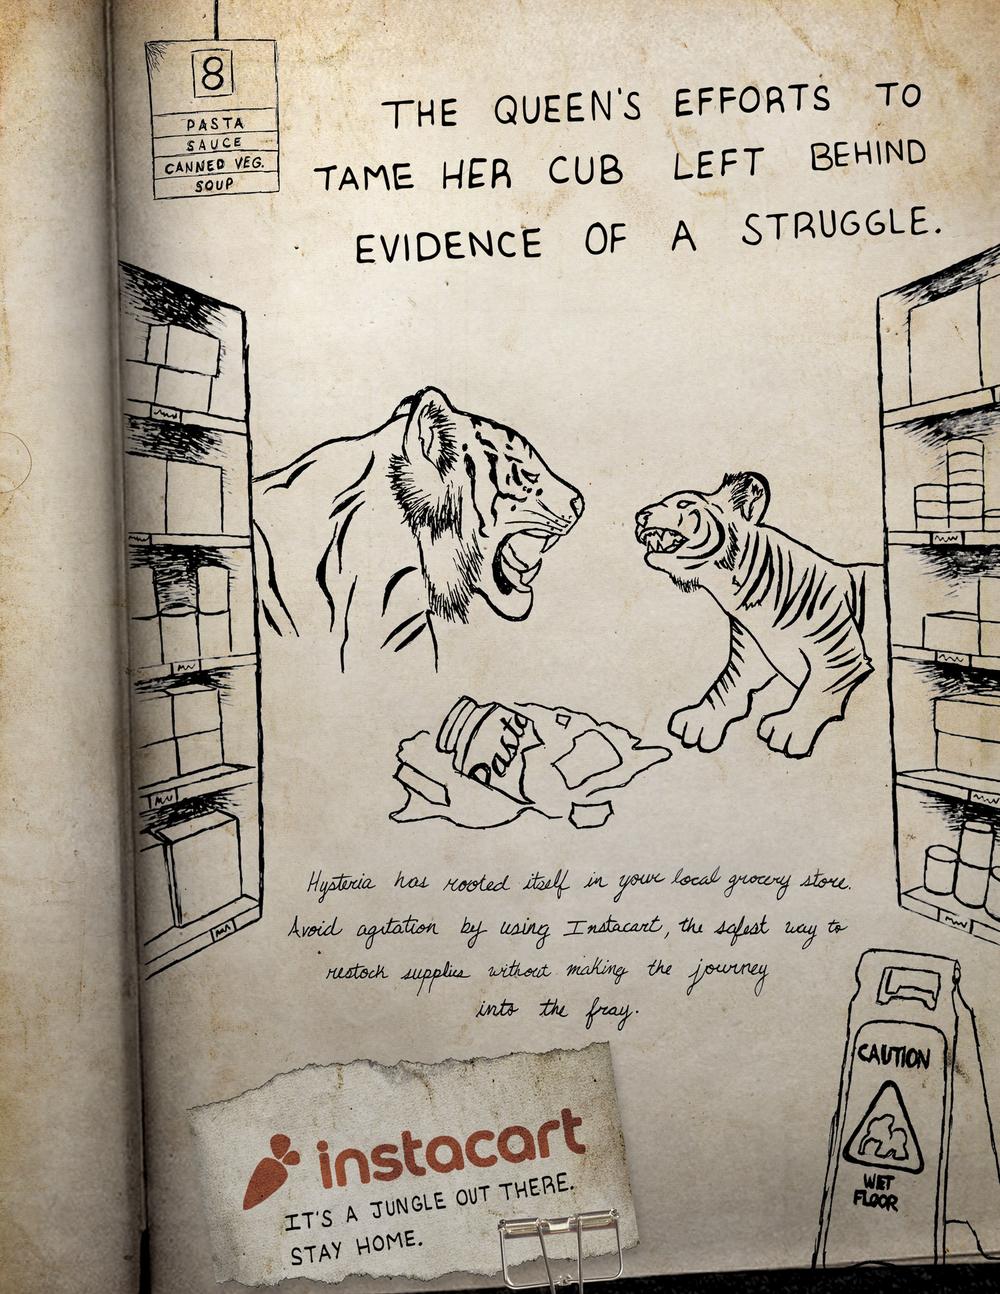 instacart+tigers-1.jpg